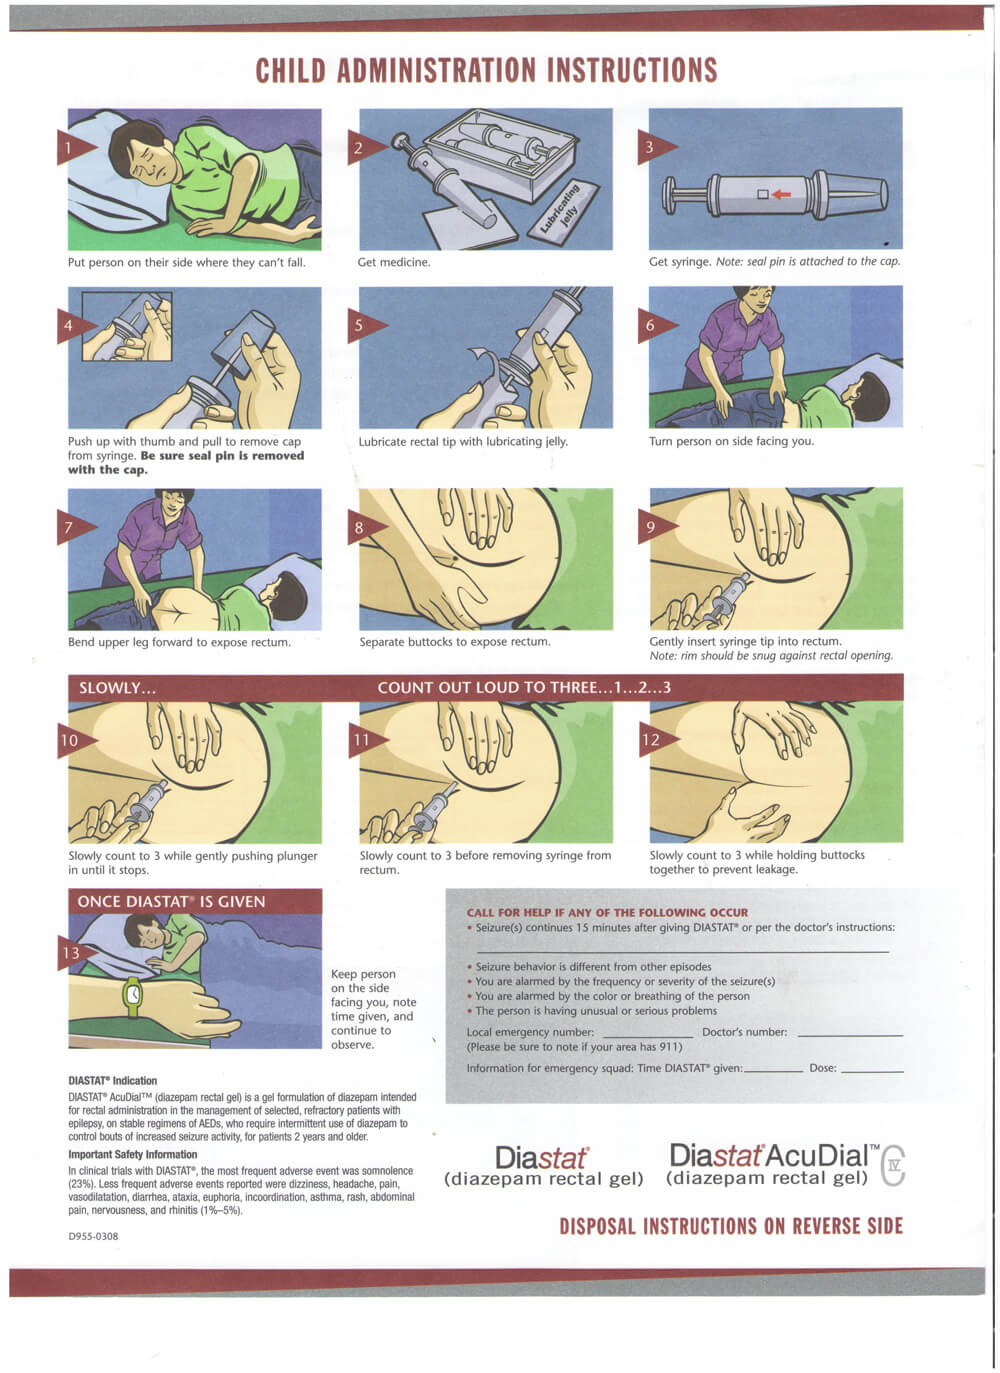 Diastat Training